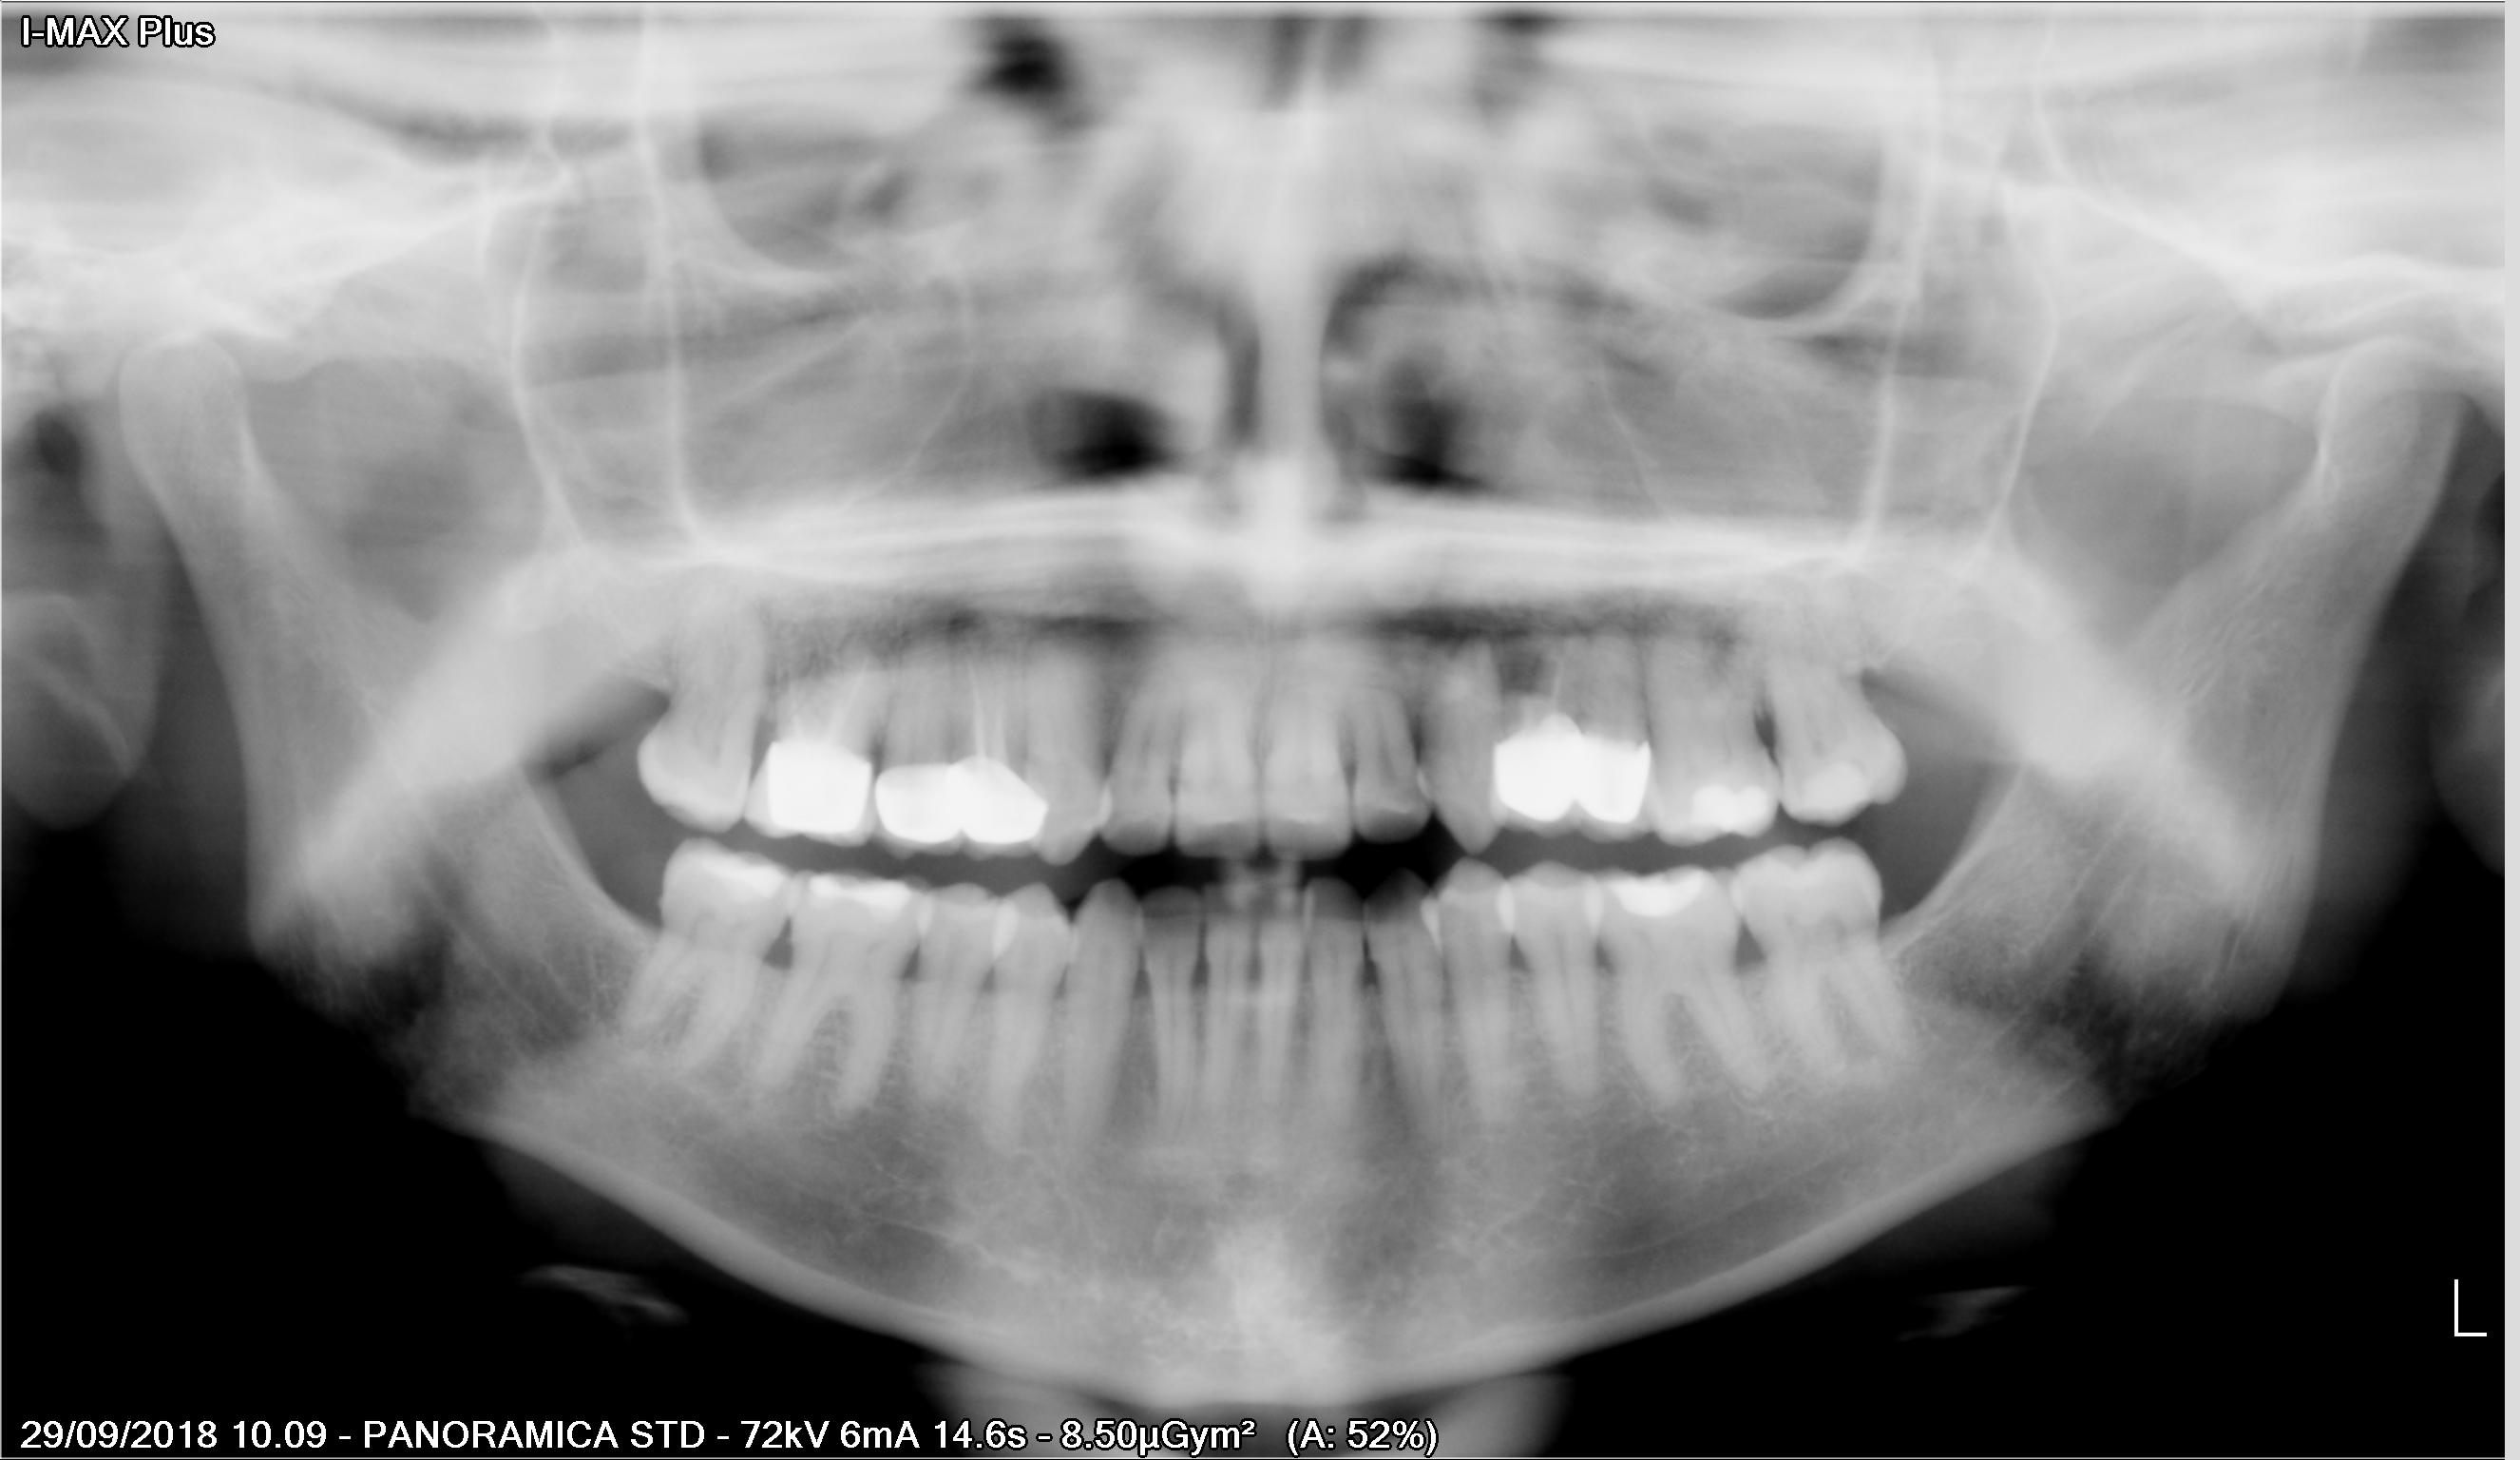 E' possibile rimuovere le capsule dentali senza danneggiarle?